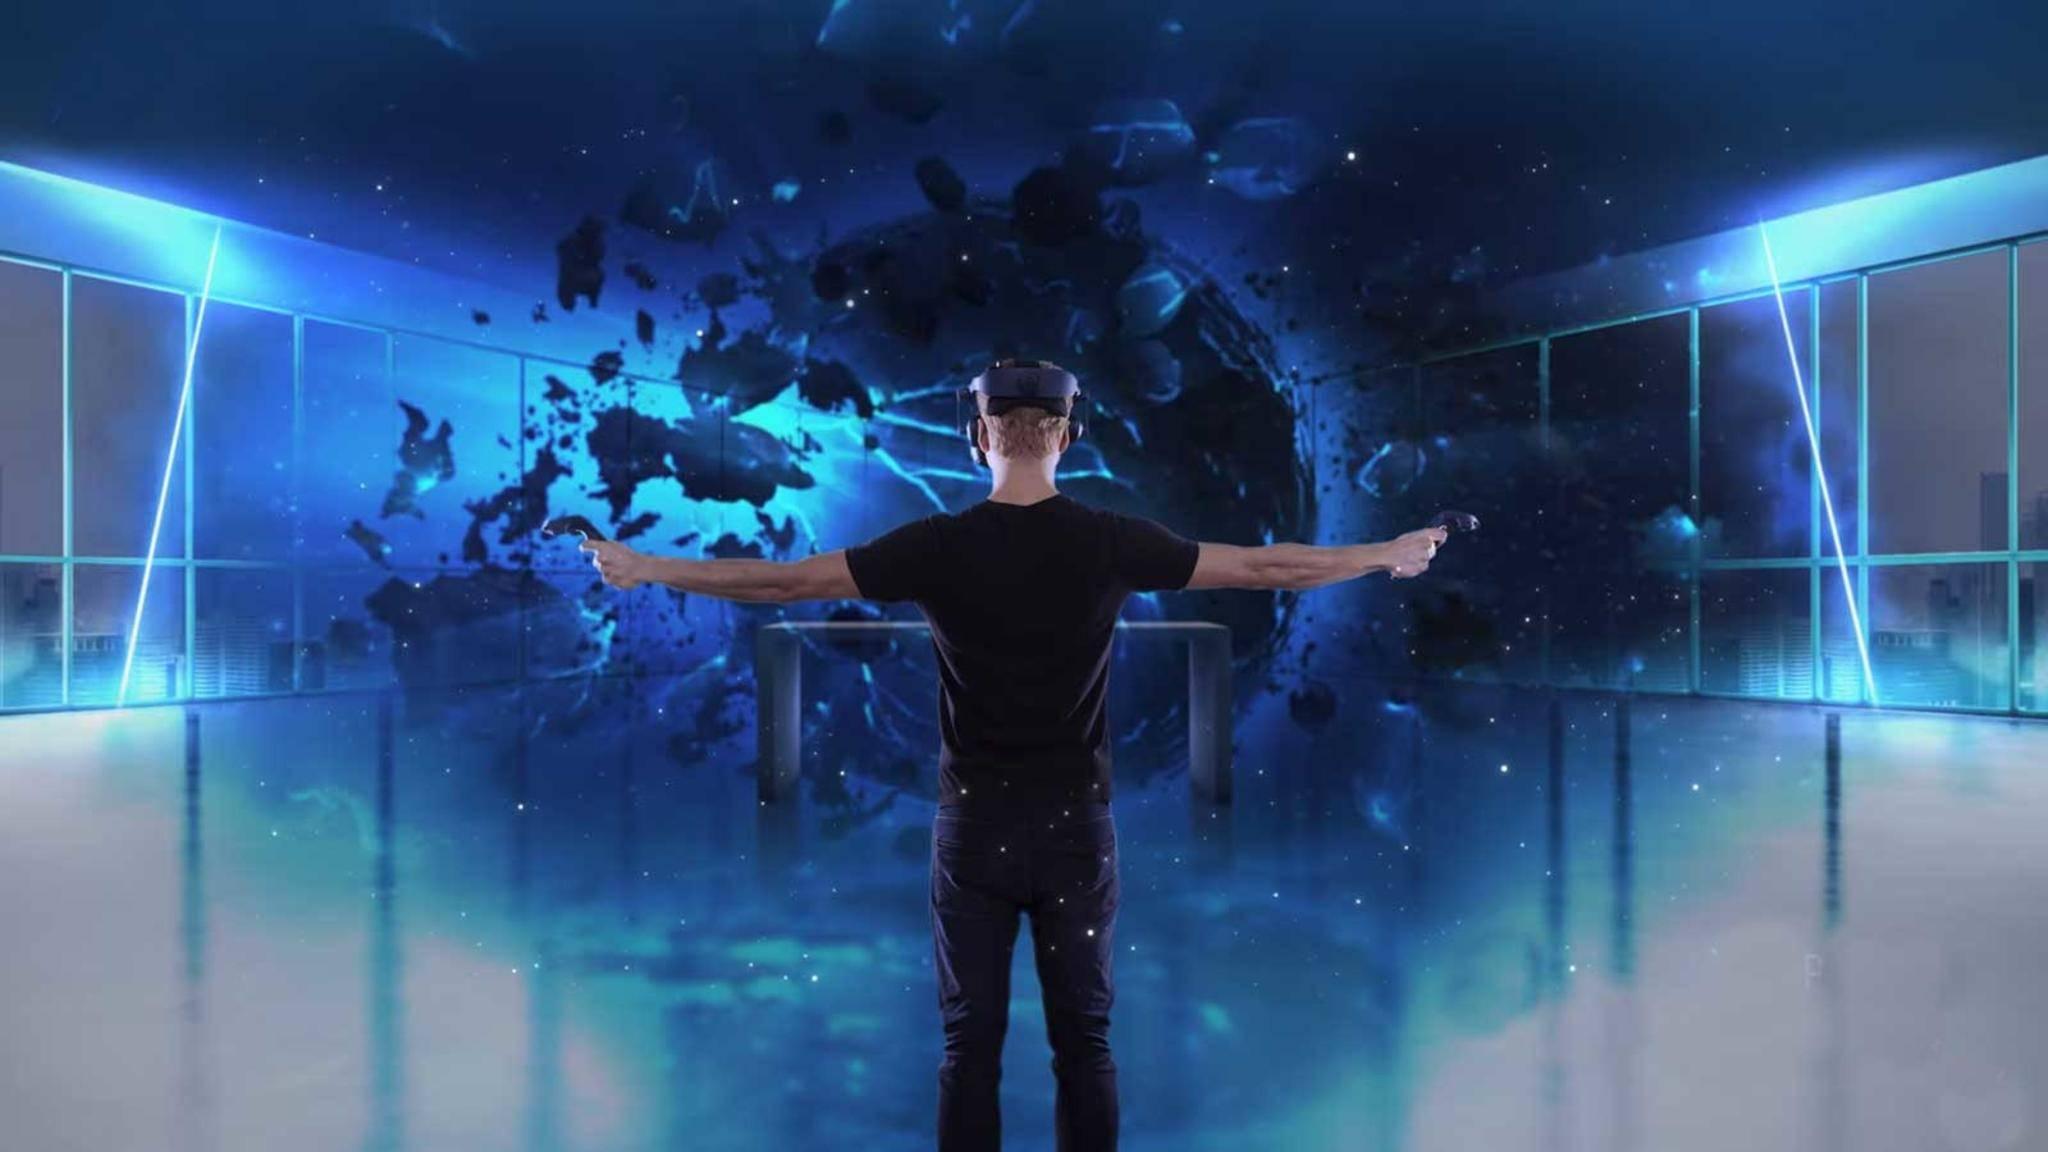 Die HTC Vive Pro, die in Las Vegas vorgestellt wurde, kann VR-Spiele mit wesentlich besserer Qualität darstellen.